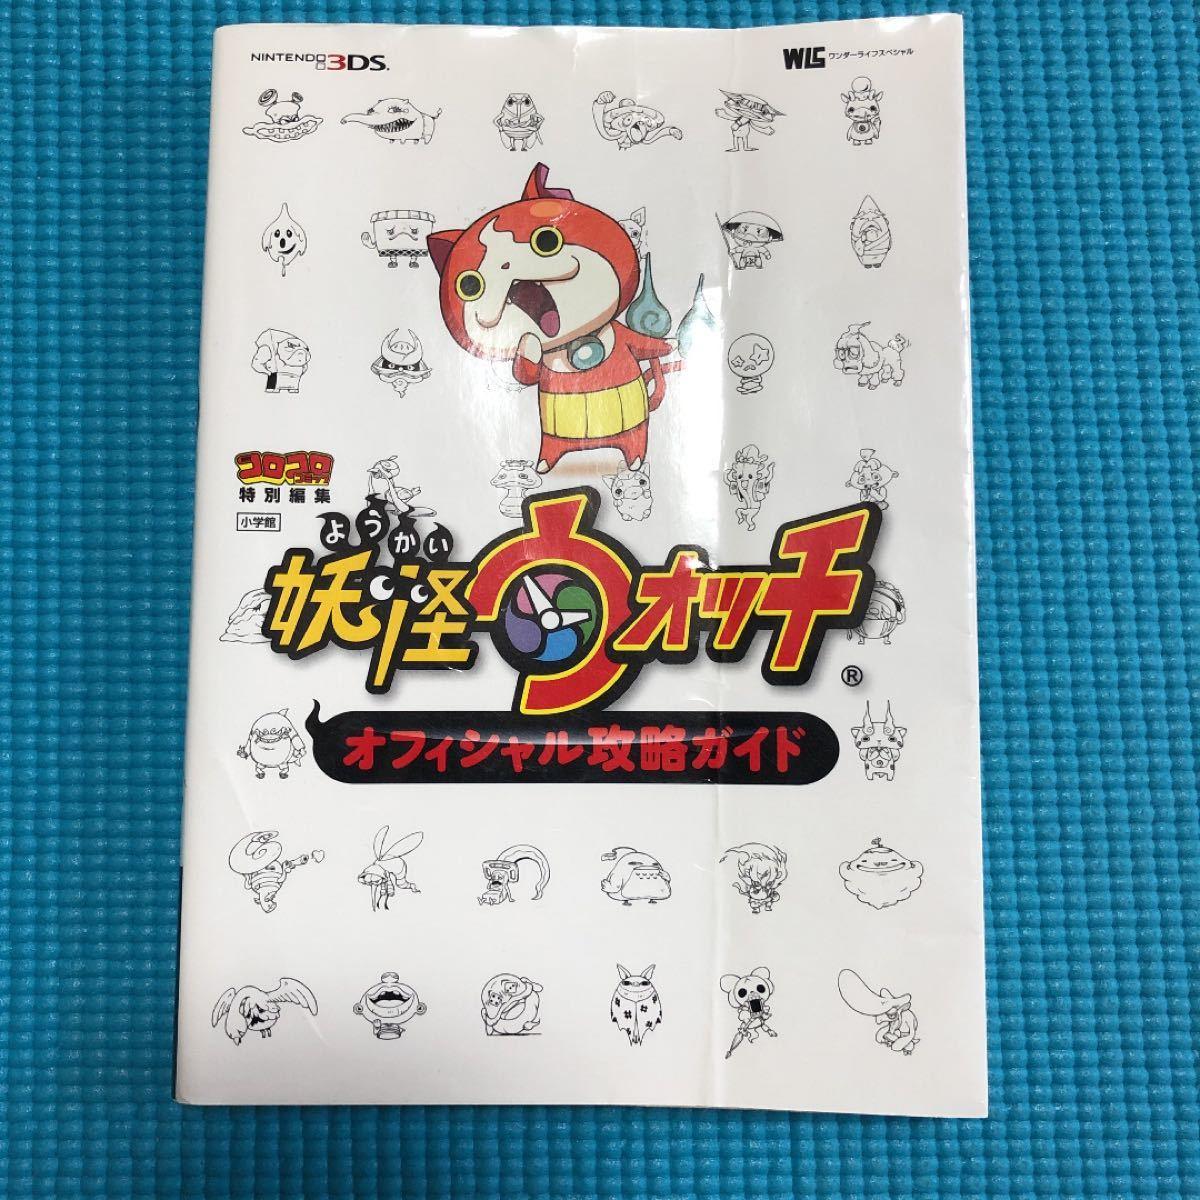 妖怪ウォッチオフィシャル攻略ガイド Nintendo3DS